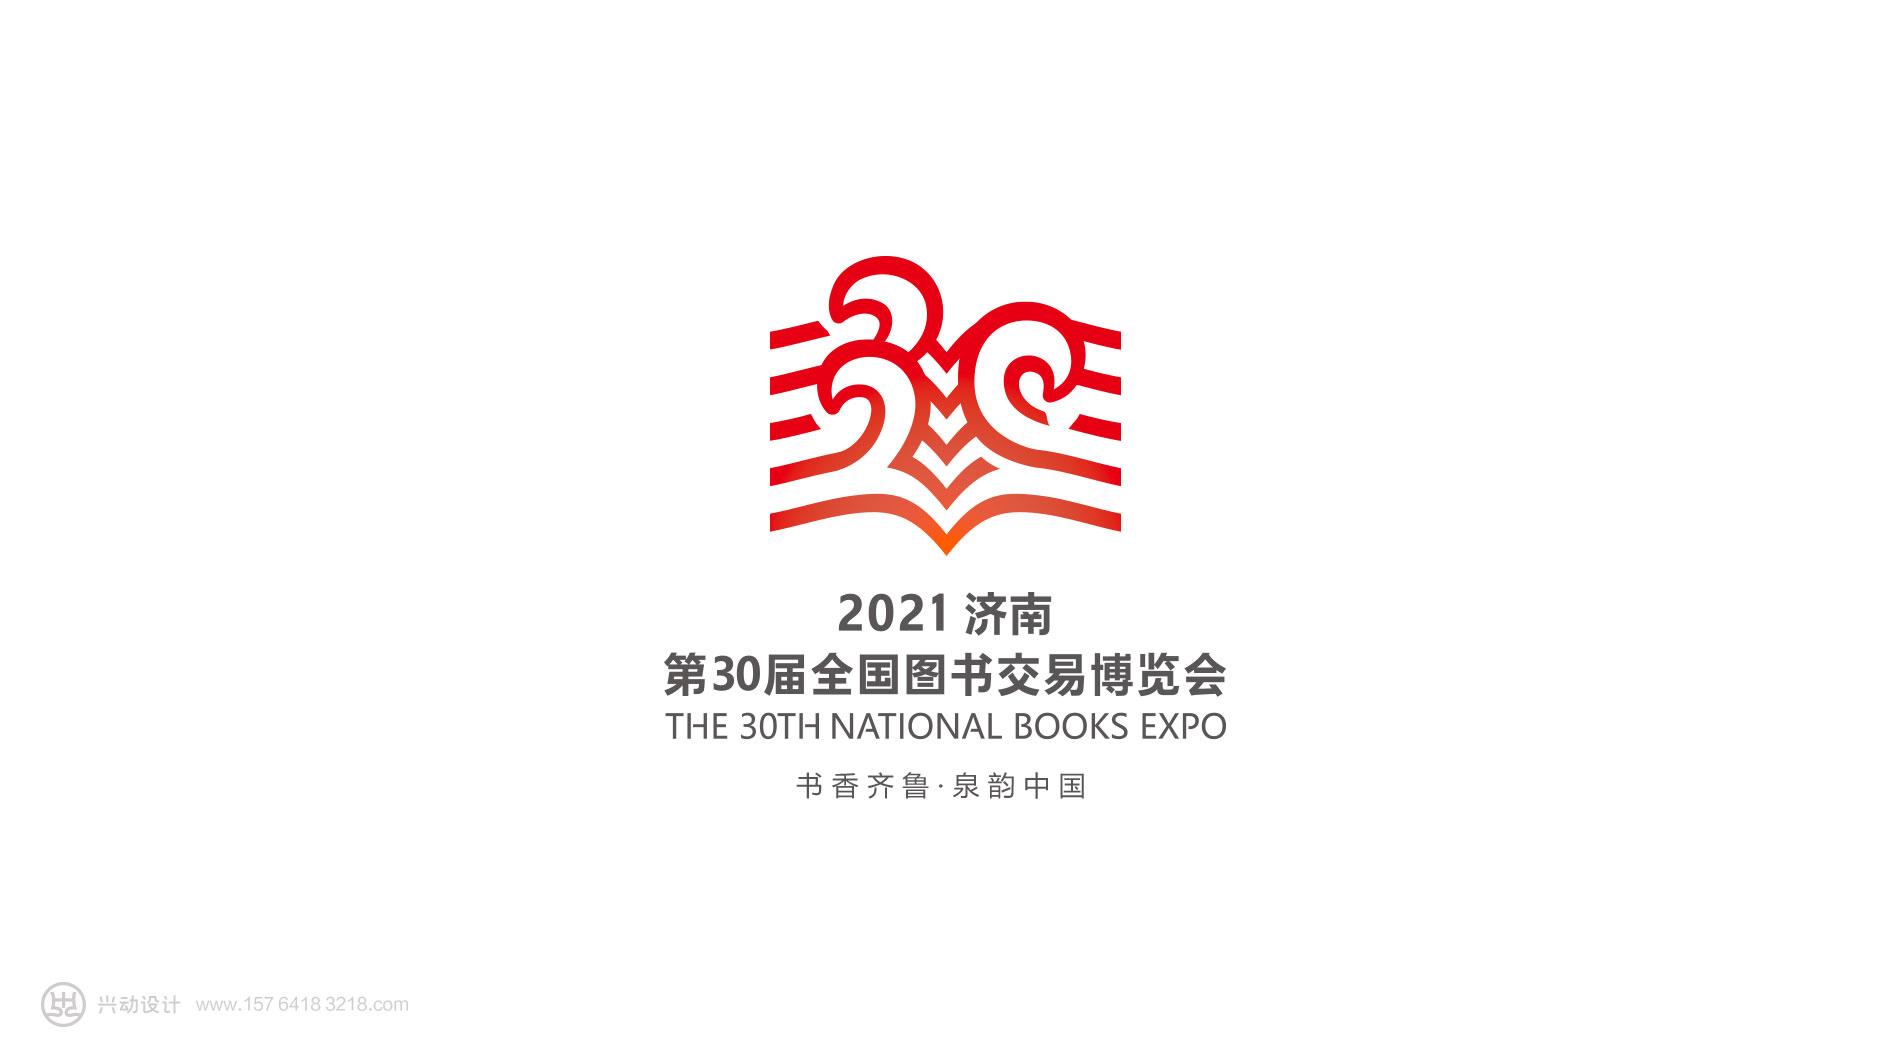 2021济南第30届全国图书交易博览会标志设计